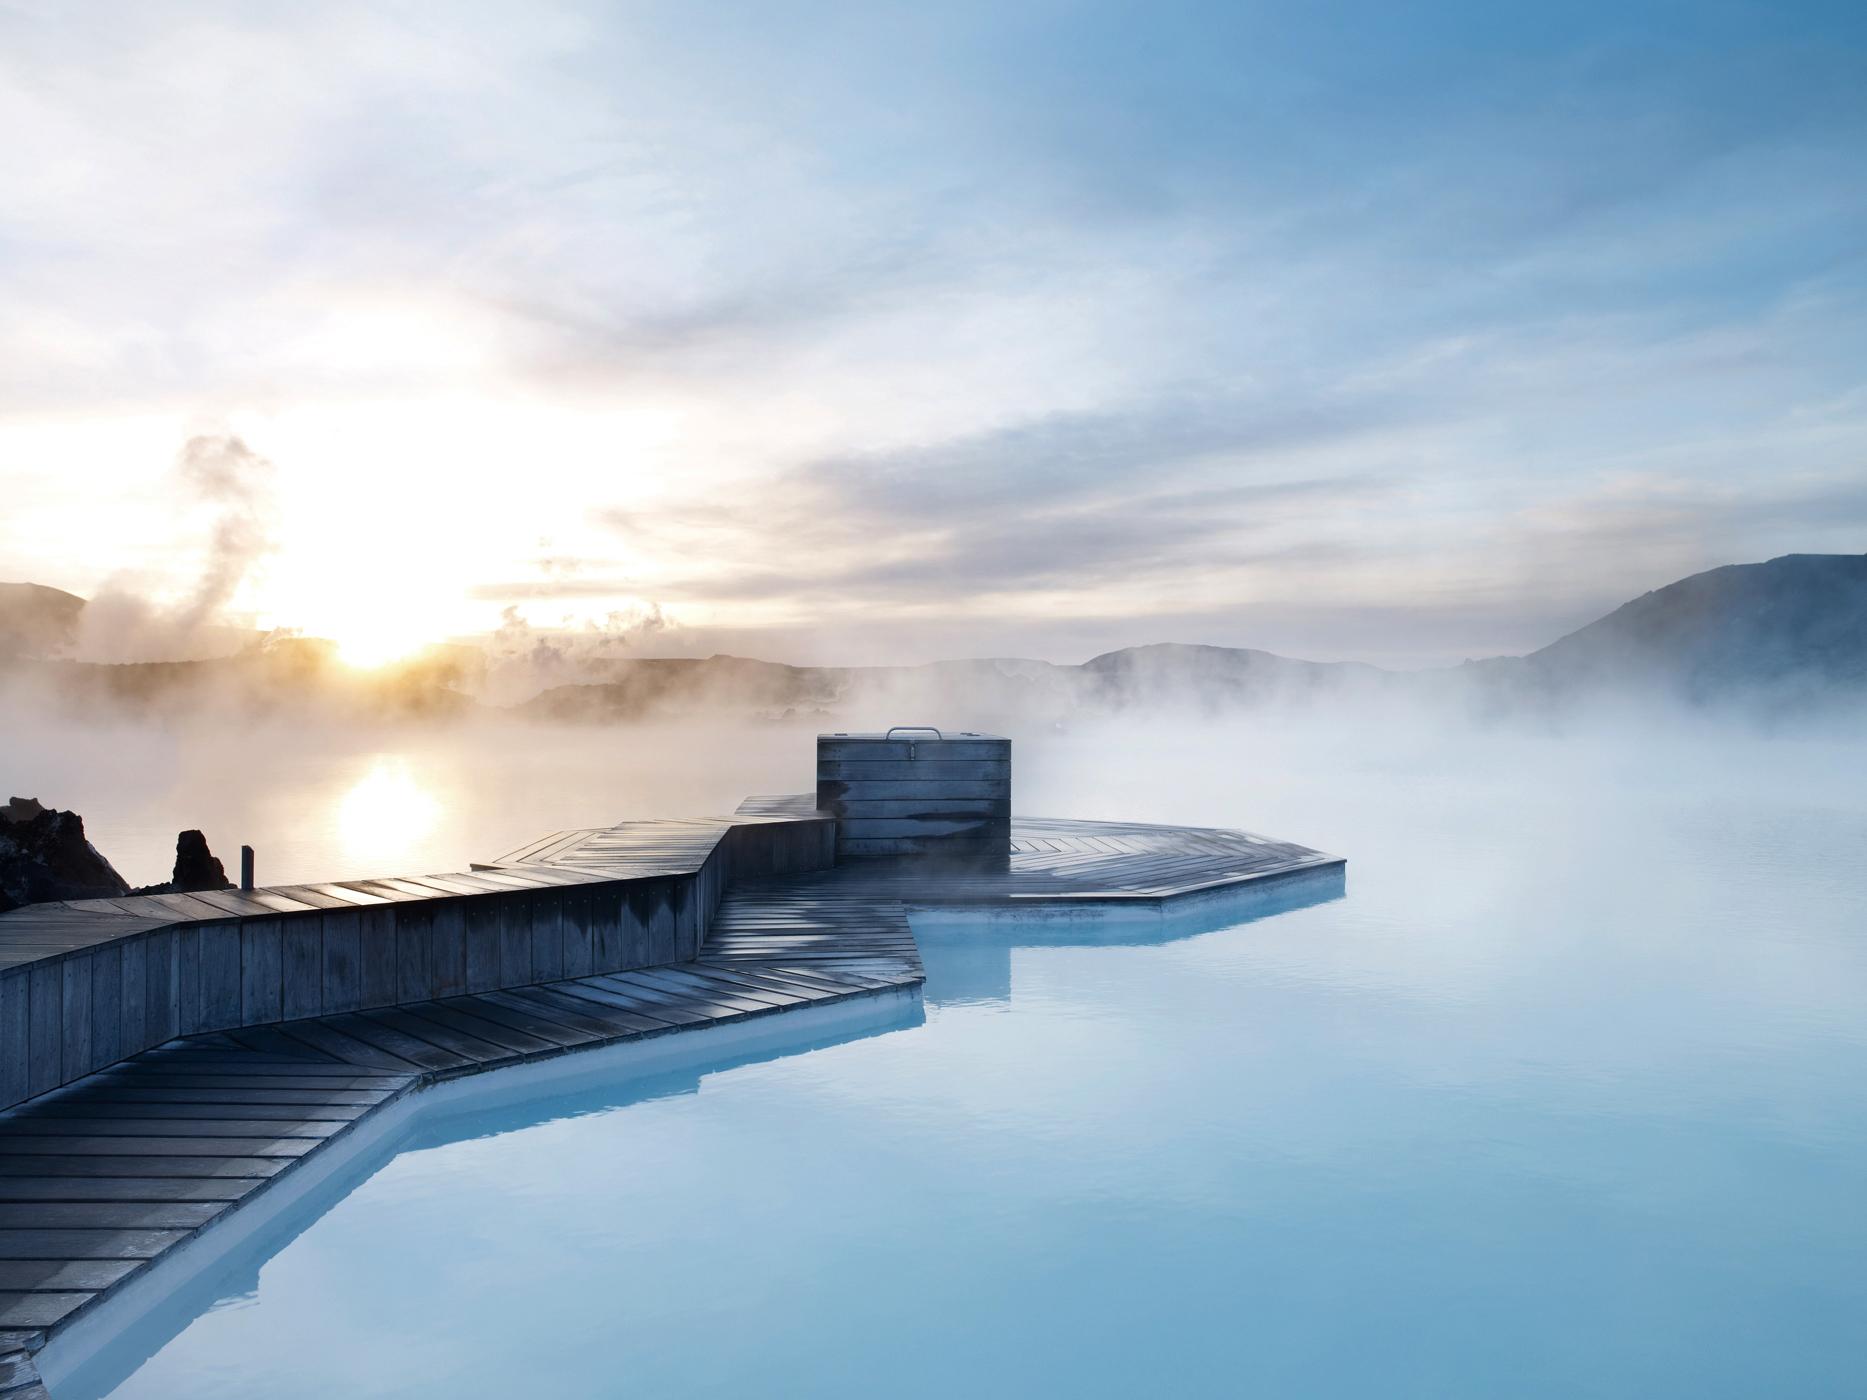 Dampf steigt von dem azurblauen Wasser in Islands beliebtesten Schwimmbecken und Wellnessbas, der Blauen Lagune, auf.